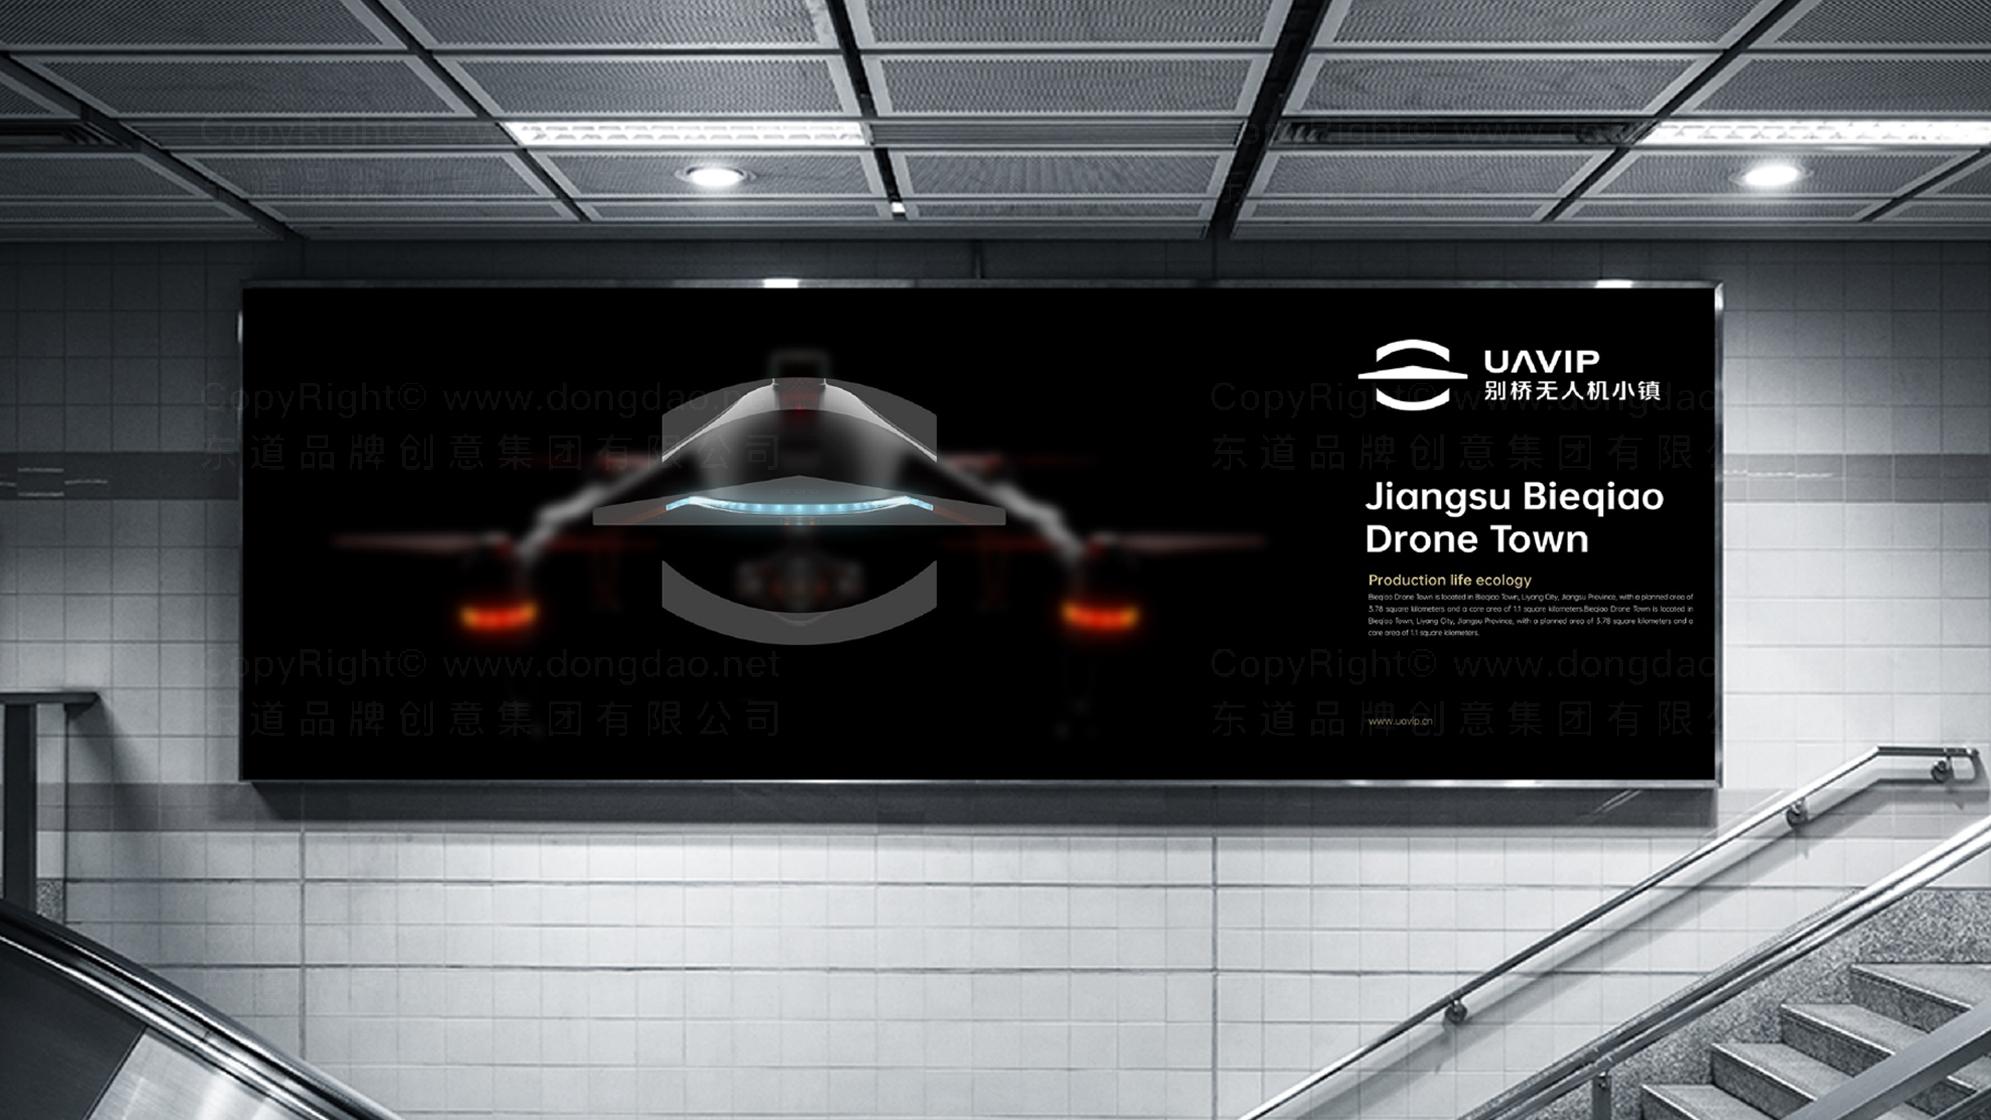 品牌设计别桥无人机小镇标志设计应用场景_6